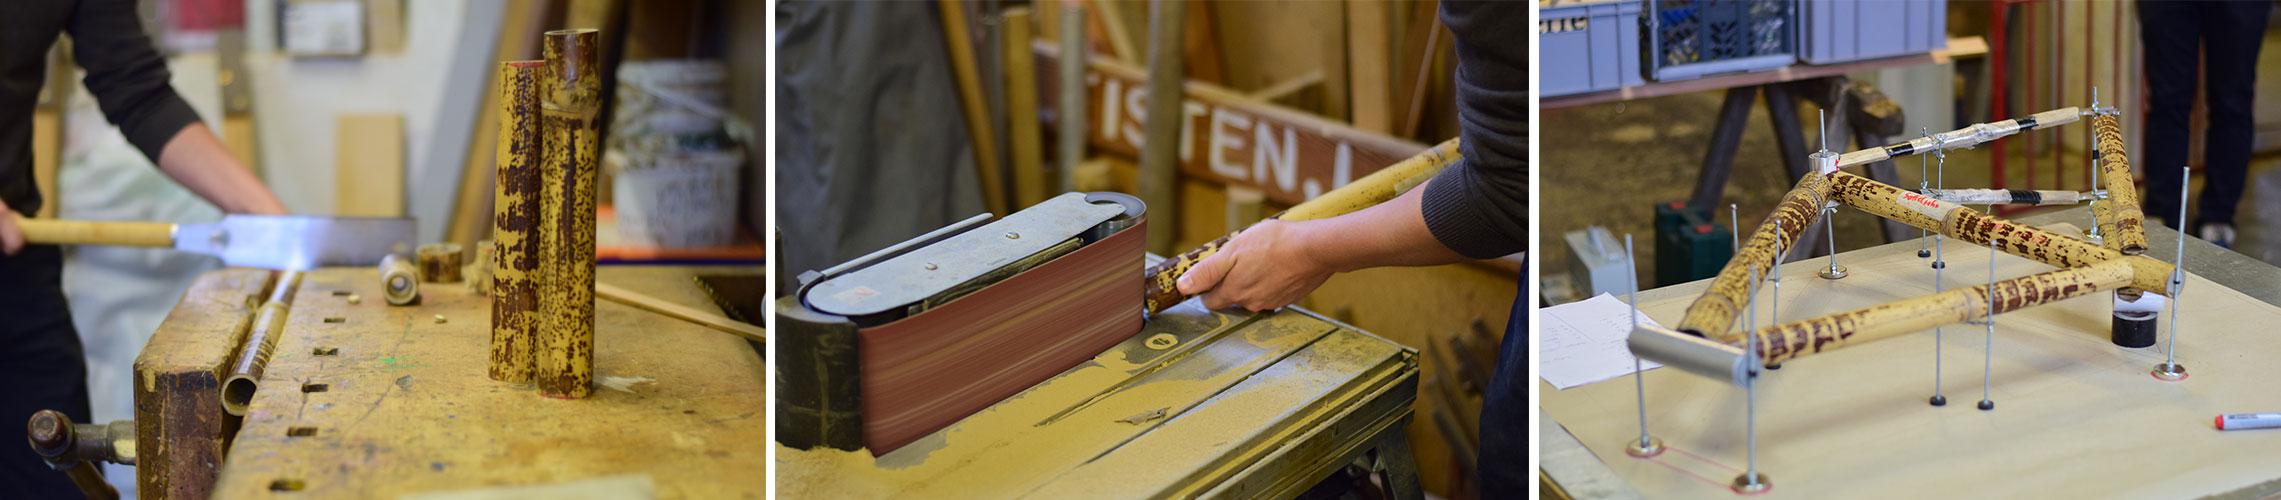 bamboo-bike-frame-building-workshop_smartgrassbicycles_sg_workshop_header_pic.jpg